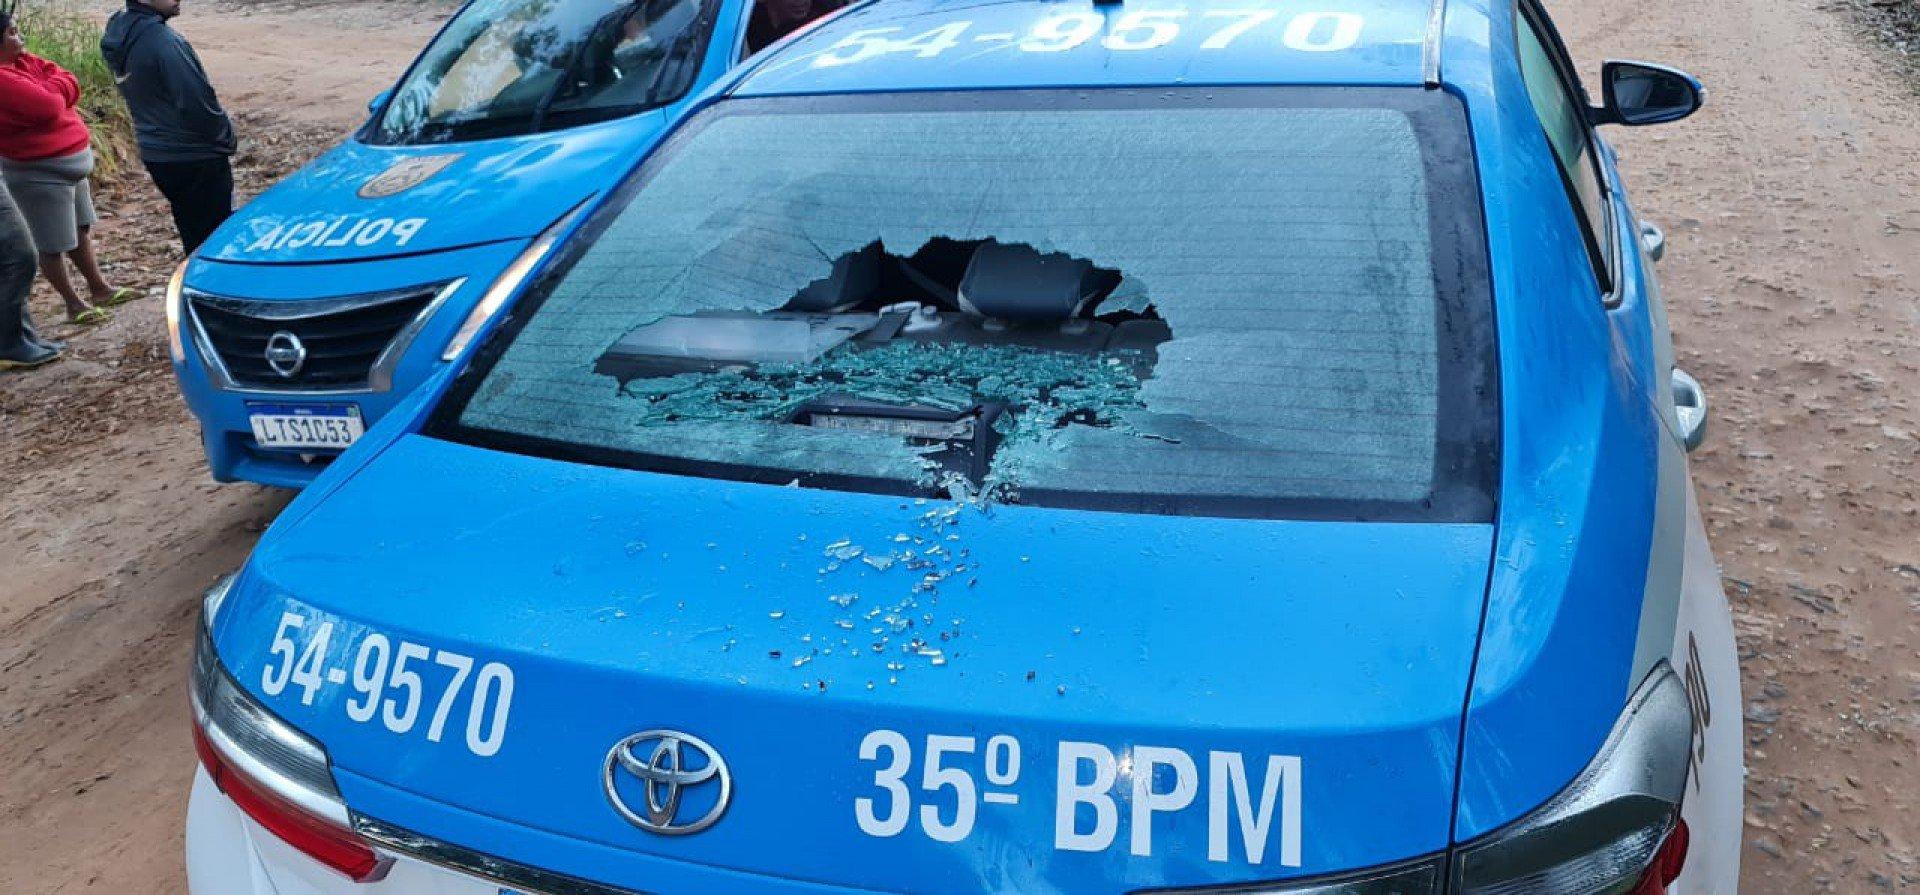 Carro da PM com o vidro estilhaçado pelos criminosos (Fotos: O Dia)